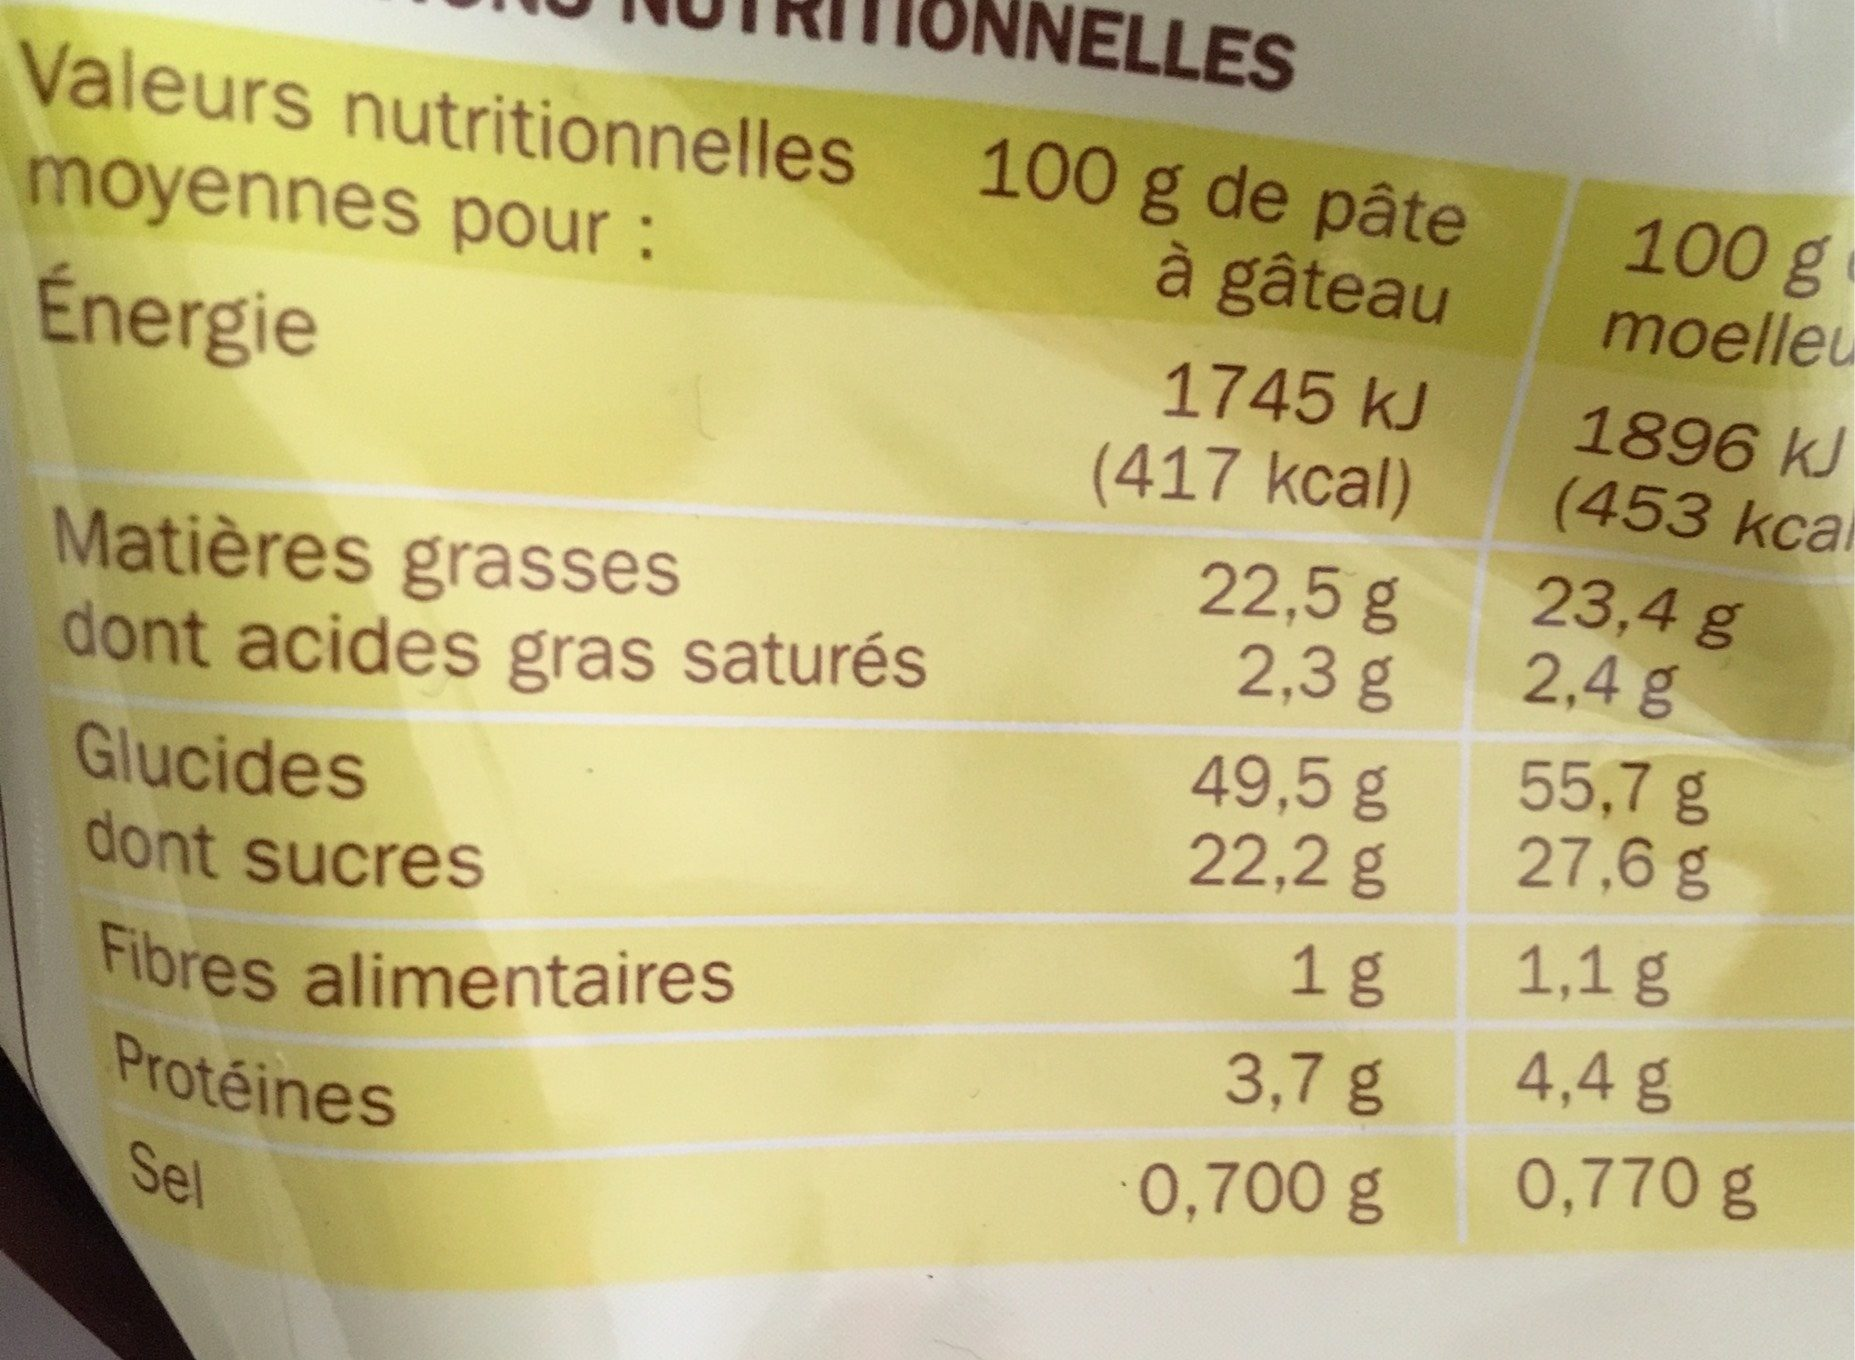 Prepa gateau moelleux citron - Nutrition facts